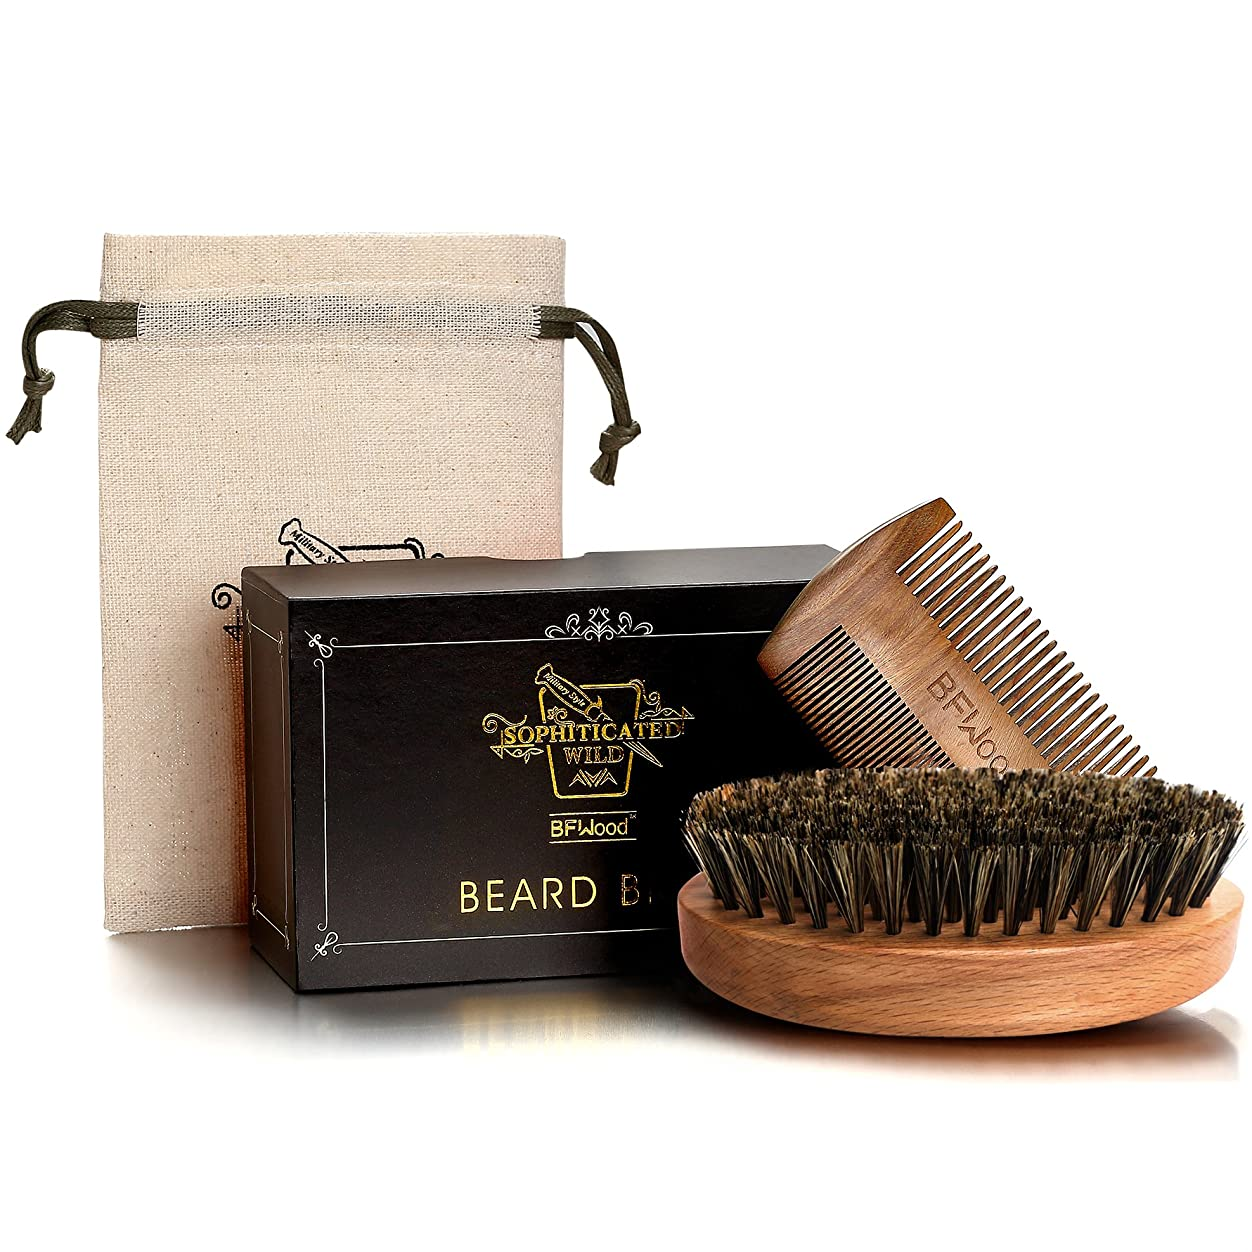 行政折り目曲BFWood Beard Brush Set 豚毛髭ブラシと木製コム アメリカミリタリースタイル (ブラシとコムセット)